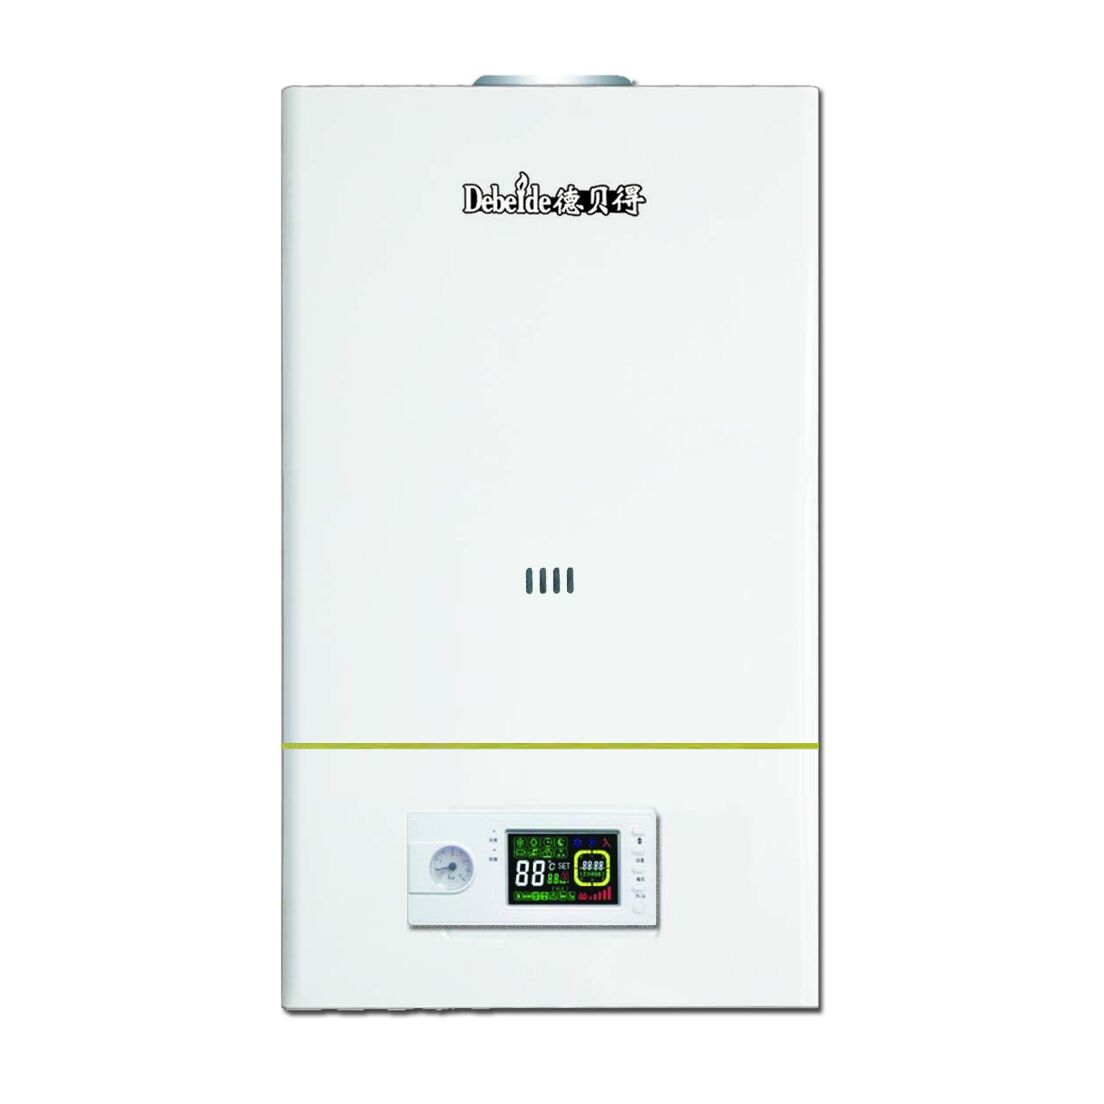 LIPB28-B燃气亚美am8游戏网址